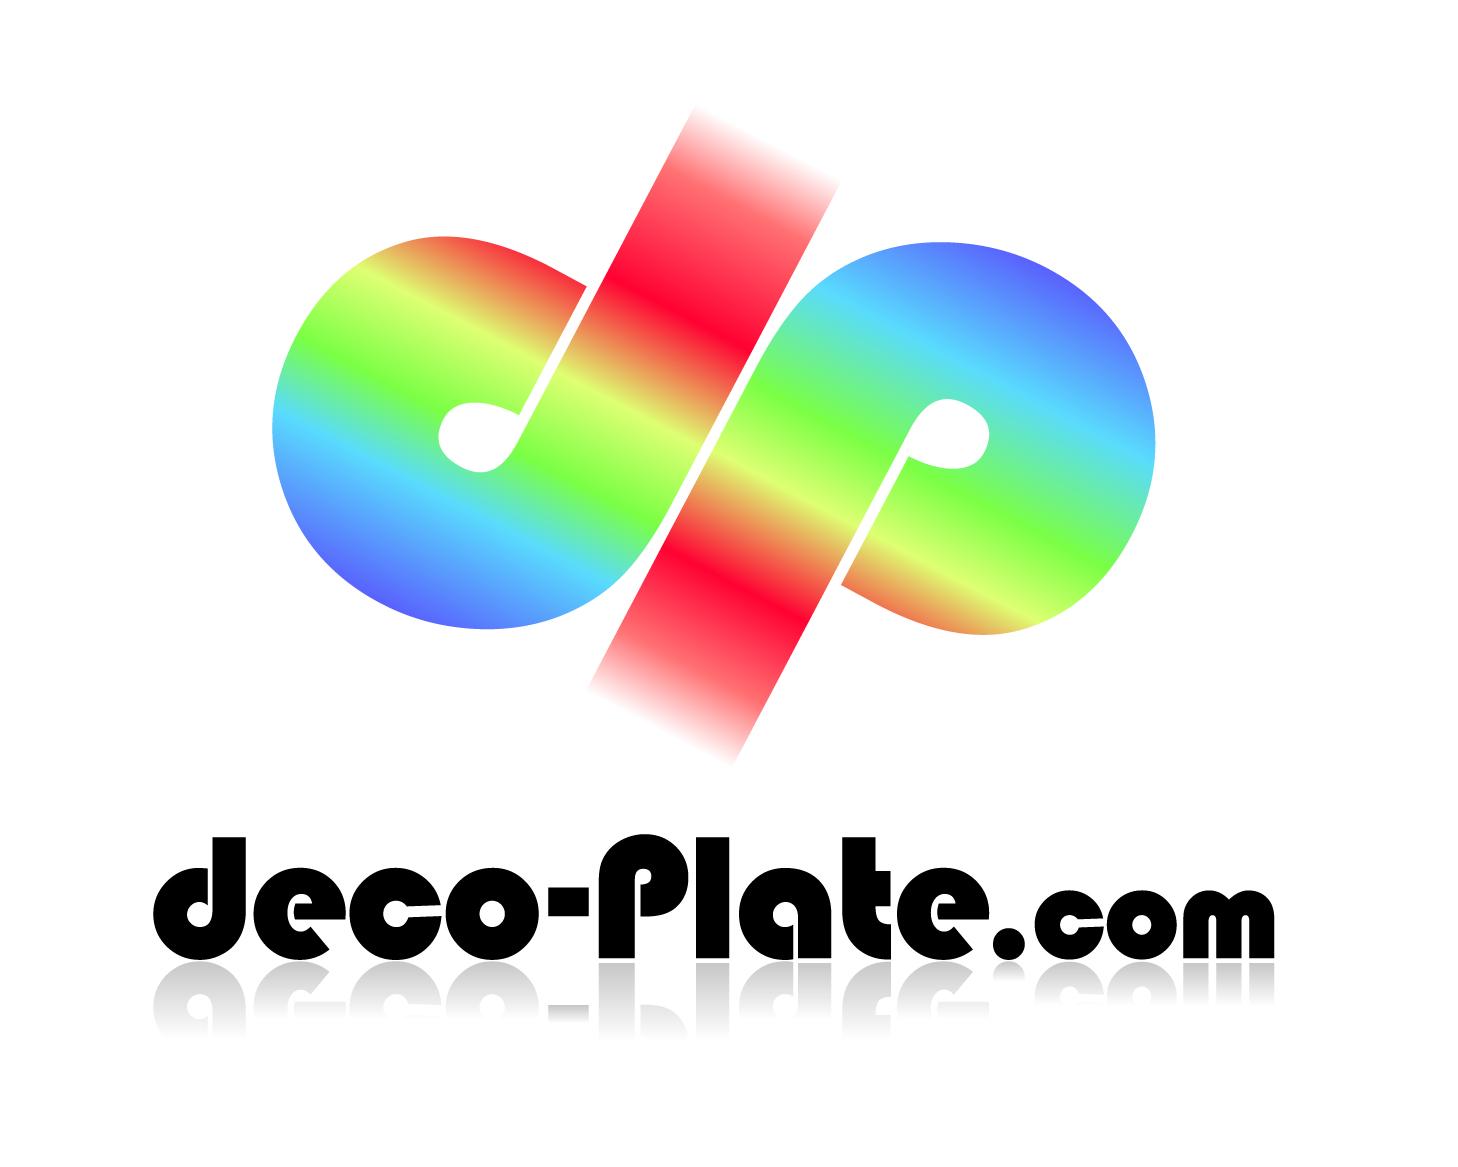 decoplate1-01.jpg